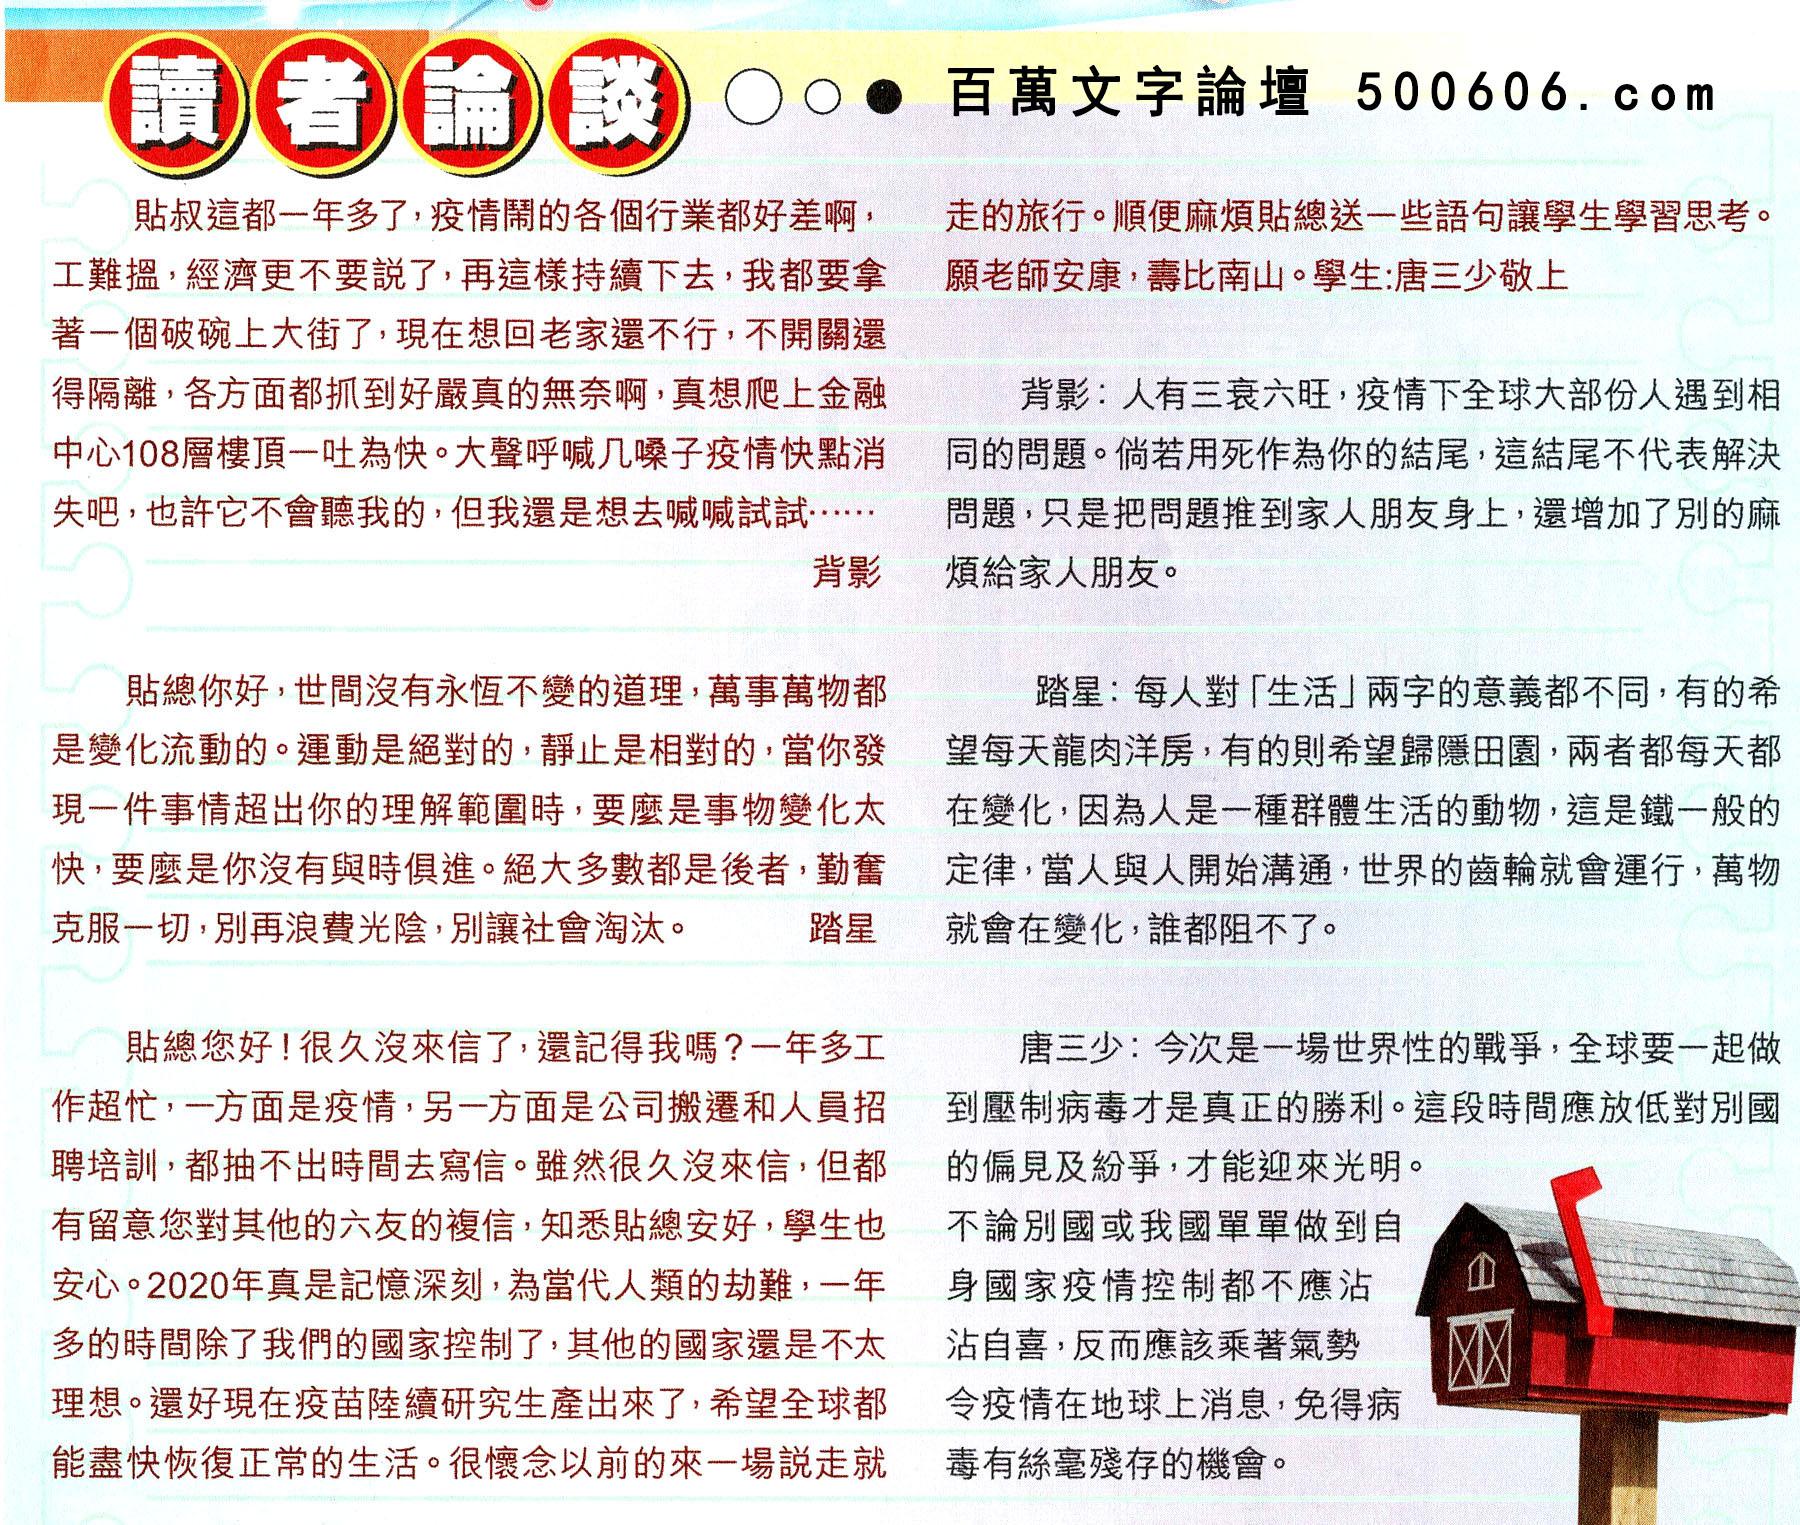 004期:彩民推荐〖貼信讀者論壇〗〖曾道人信箱〗